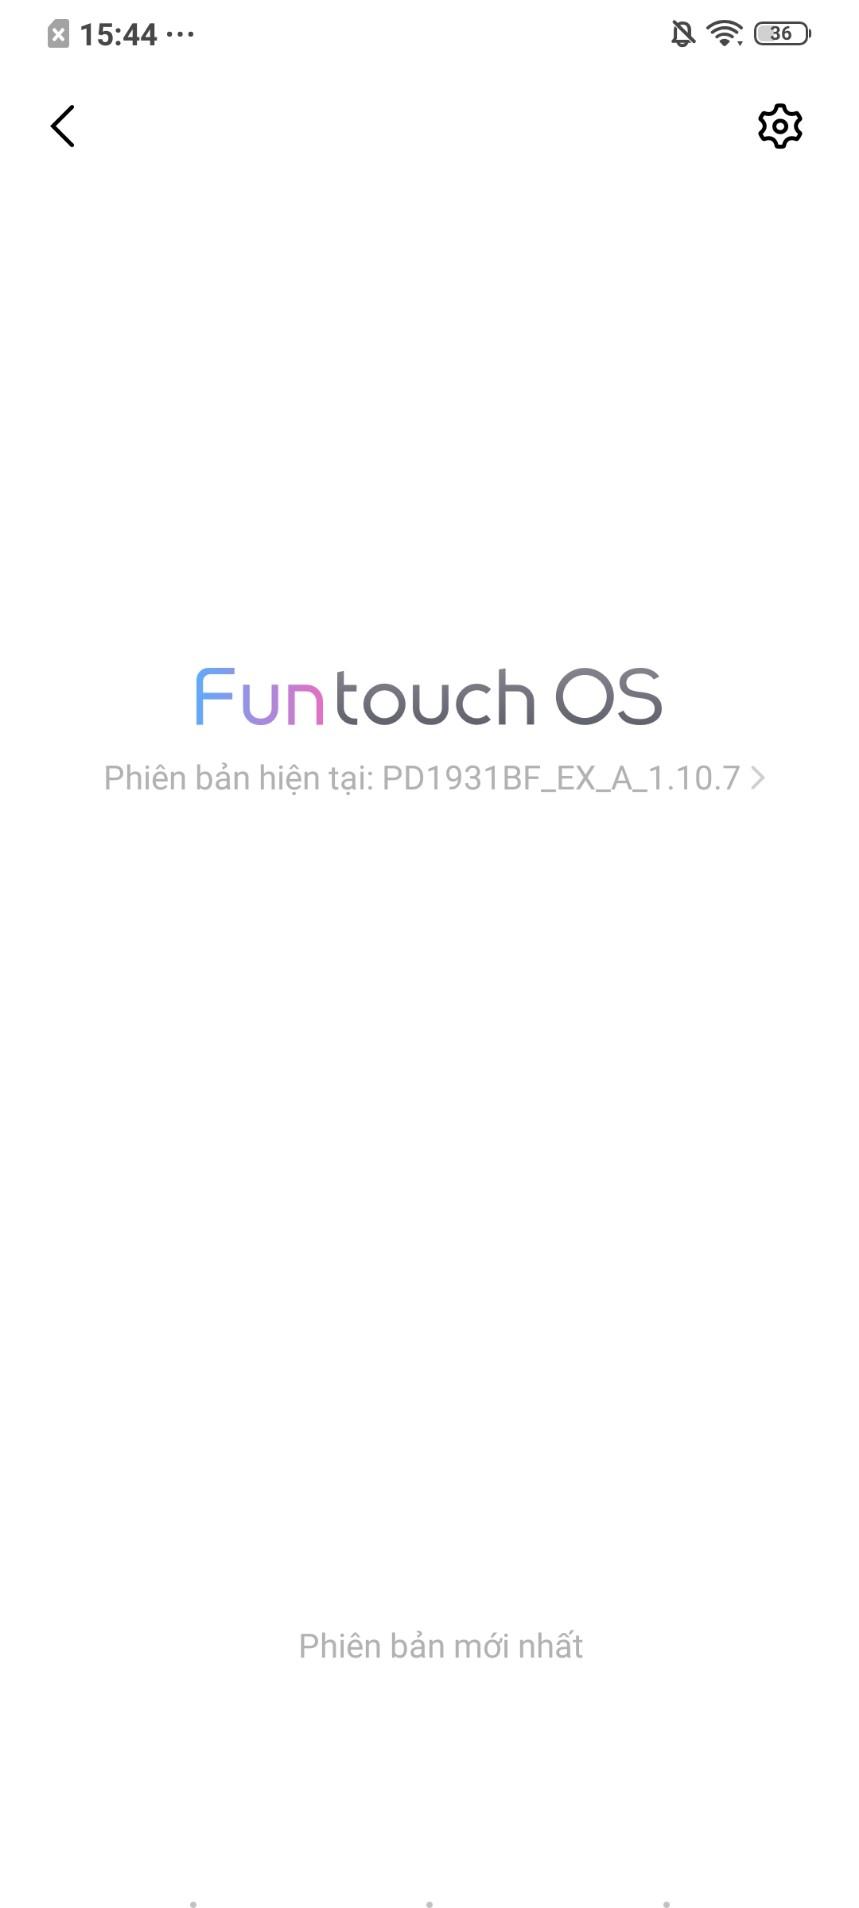 Hệ điều hành Funtouch OS